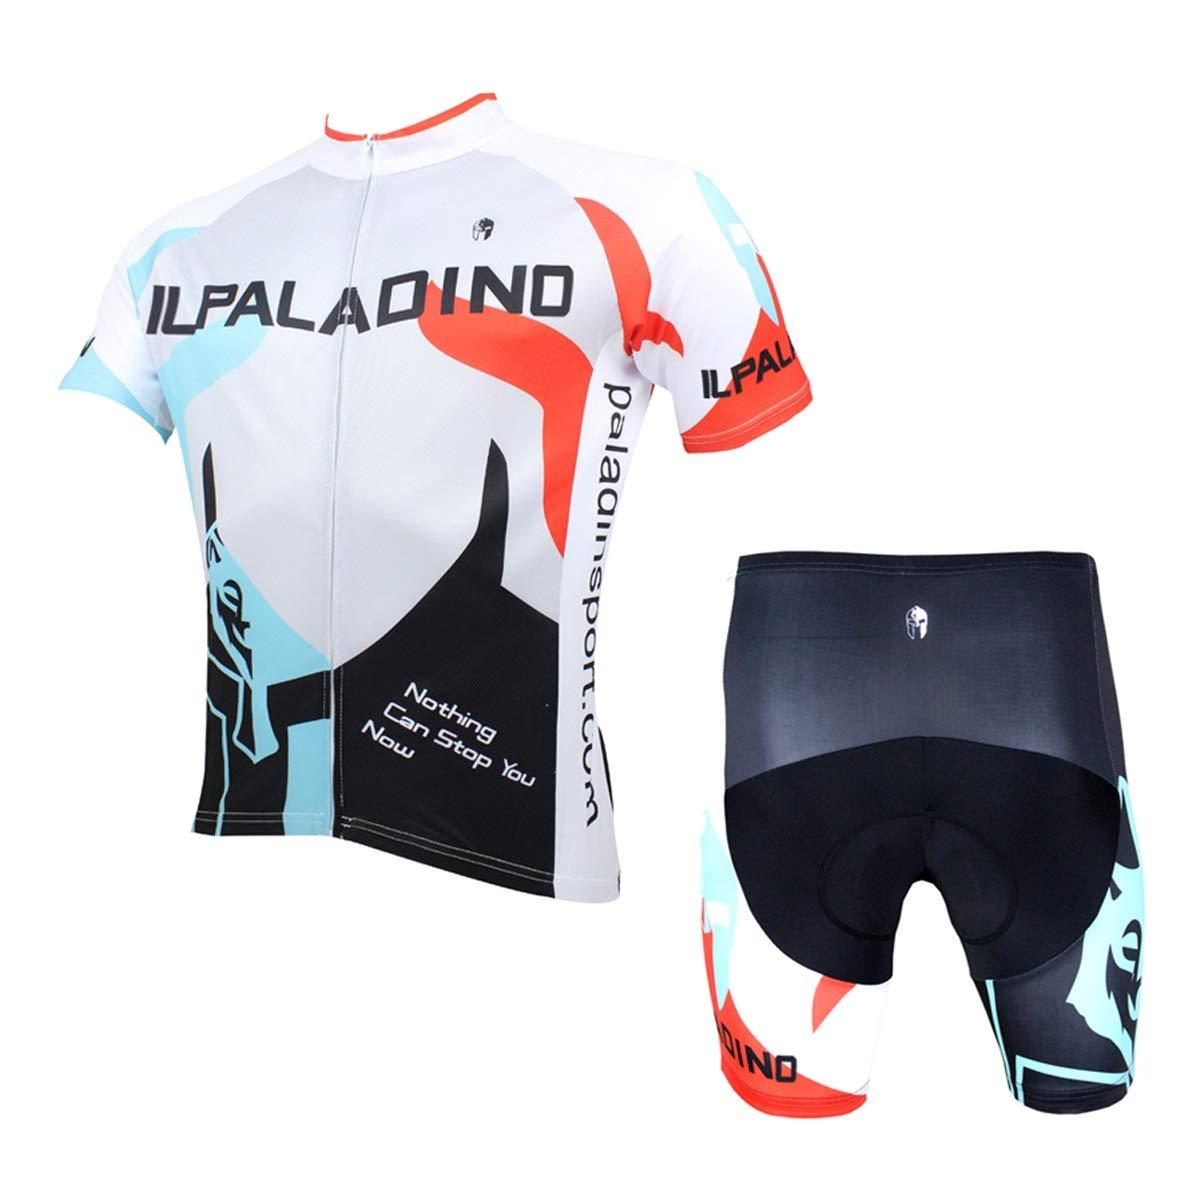 Fahrrad Reitanzug Sommer Praktische Radfahren Feuchtigkeitstransport Übung Leichte Quick Dry Bike Jersey Fahrradtrikot LPLHJD